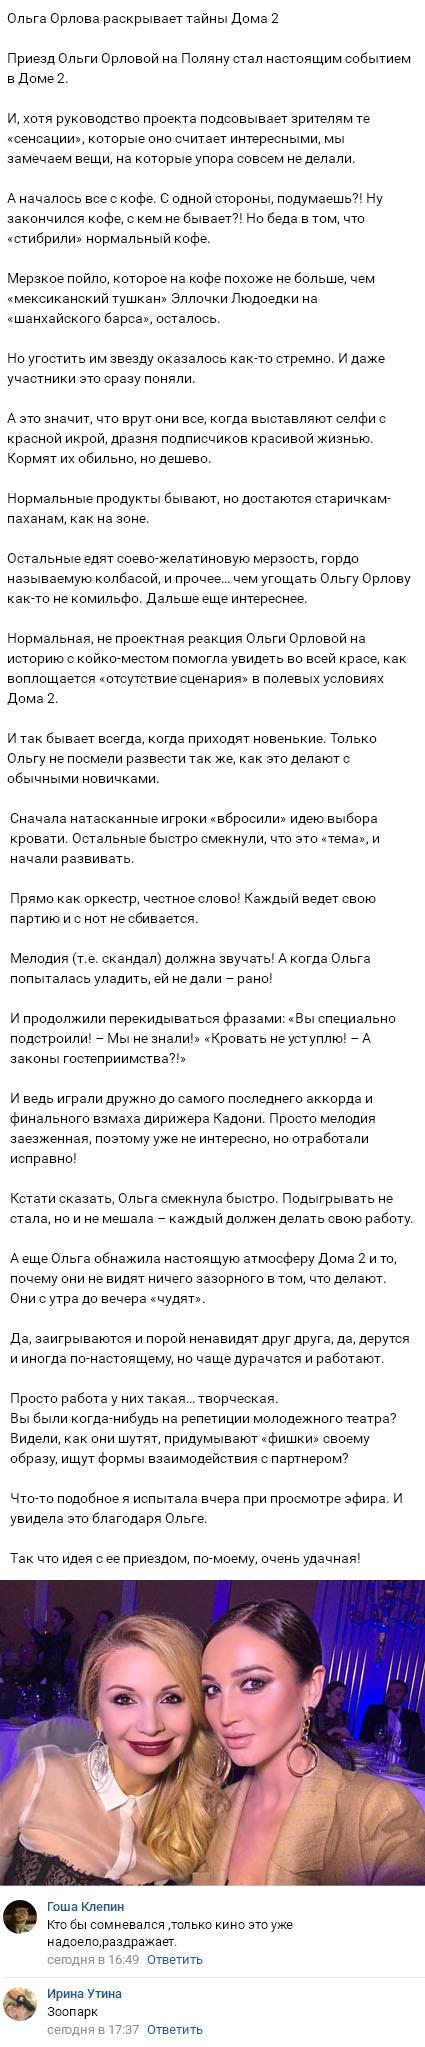 Ольга Орлова раскрывает самые главные секреты проекта